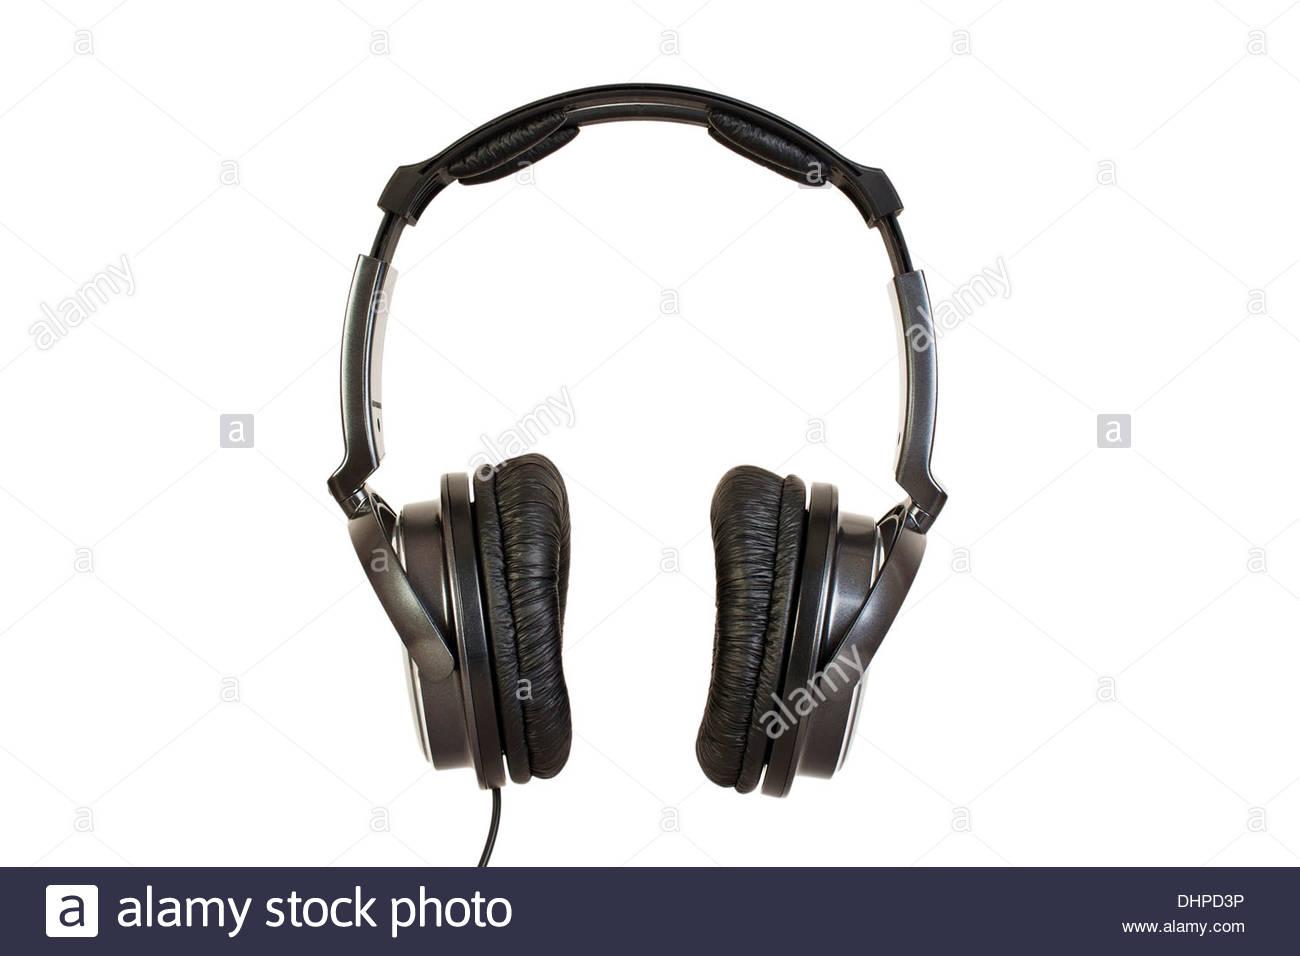 headphones - Stock Image